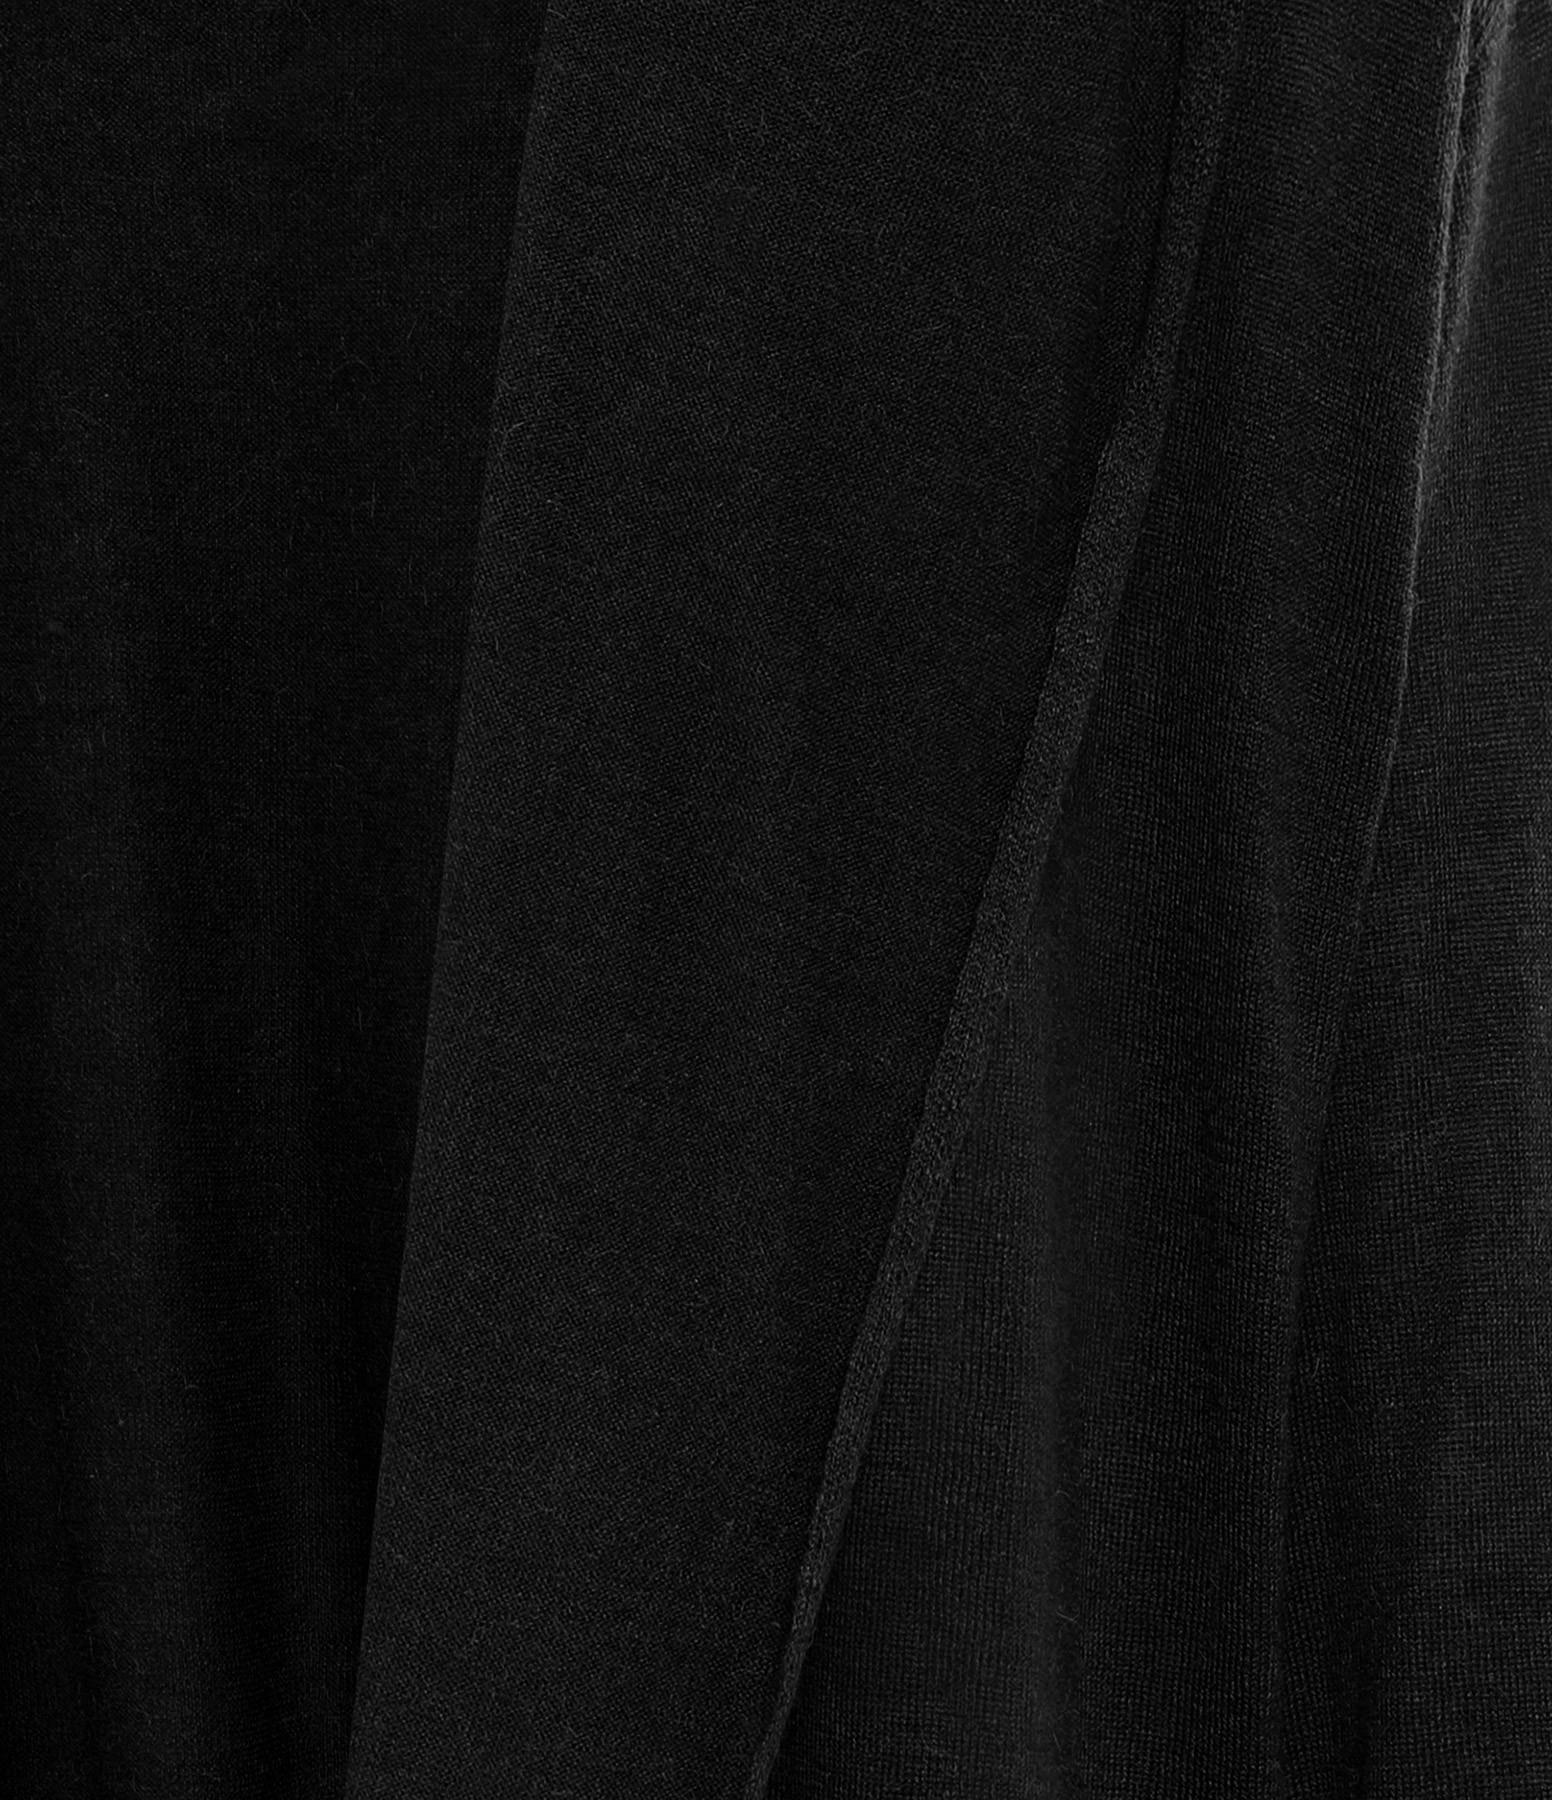 MES DEMOISELLES - Cardigan Tricotté Noir